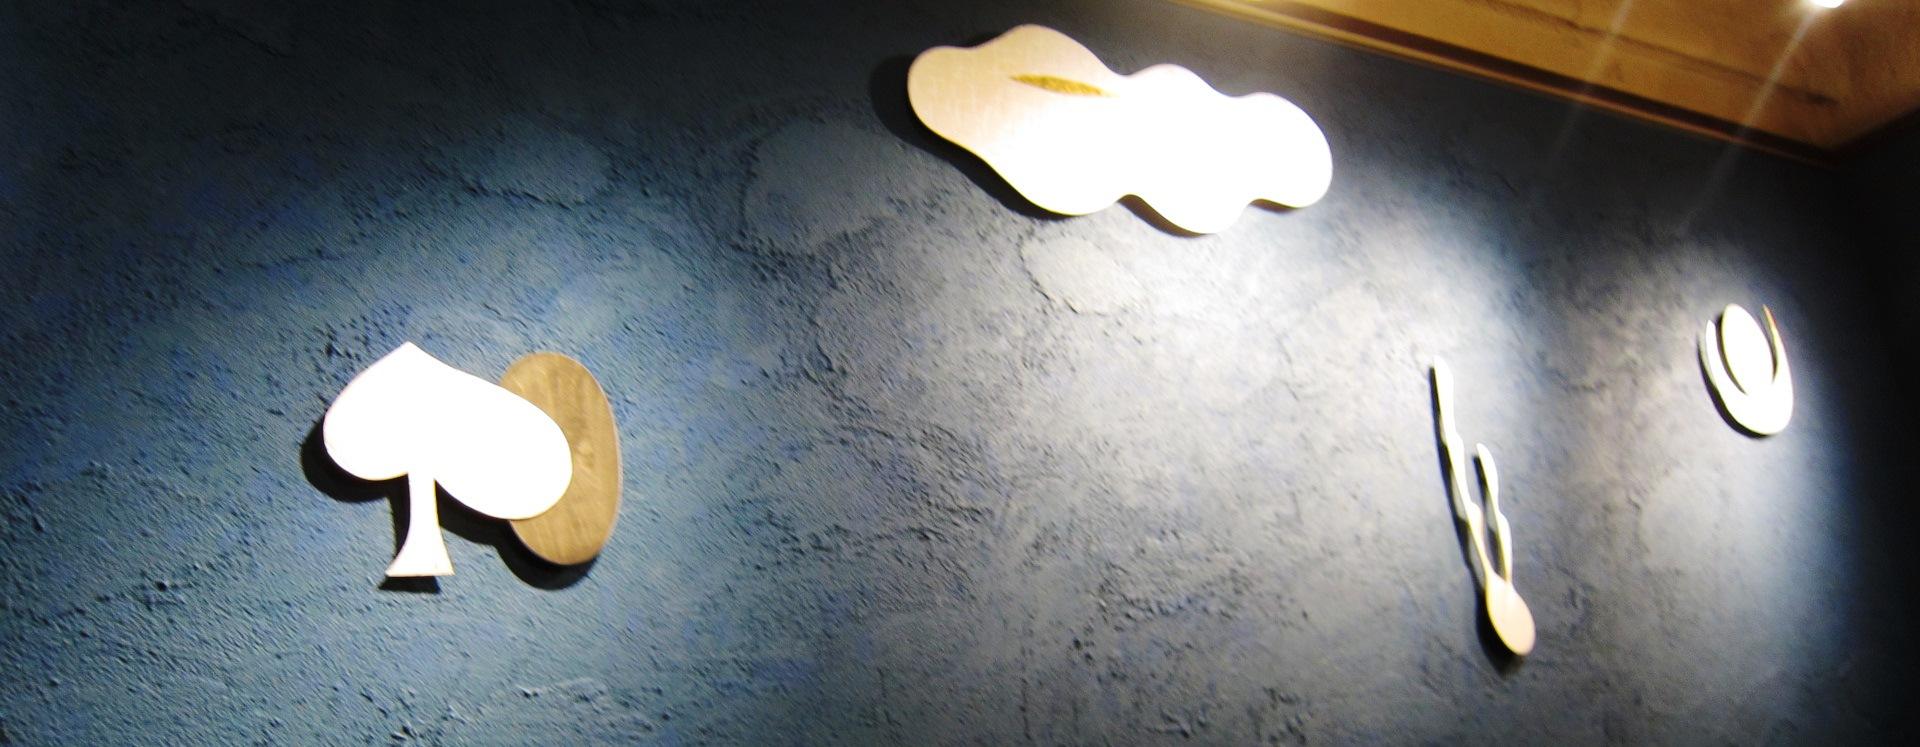 2480) 「戸山麻子展『森の囁(ささや)き』 」エスキス 終了12月17日(木)~2016年1月11日(月・祝)_f0126829_9392096.jpg